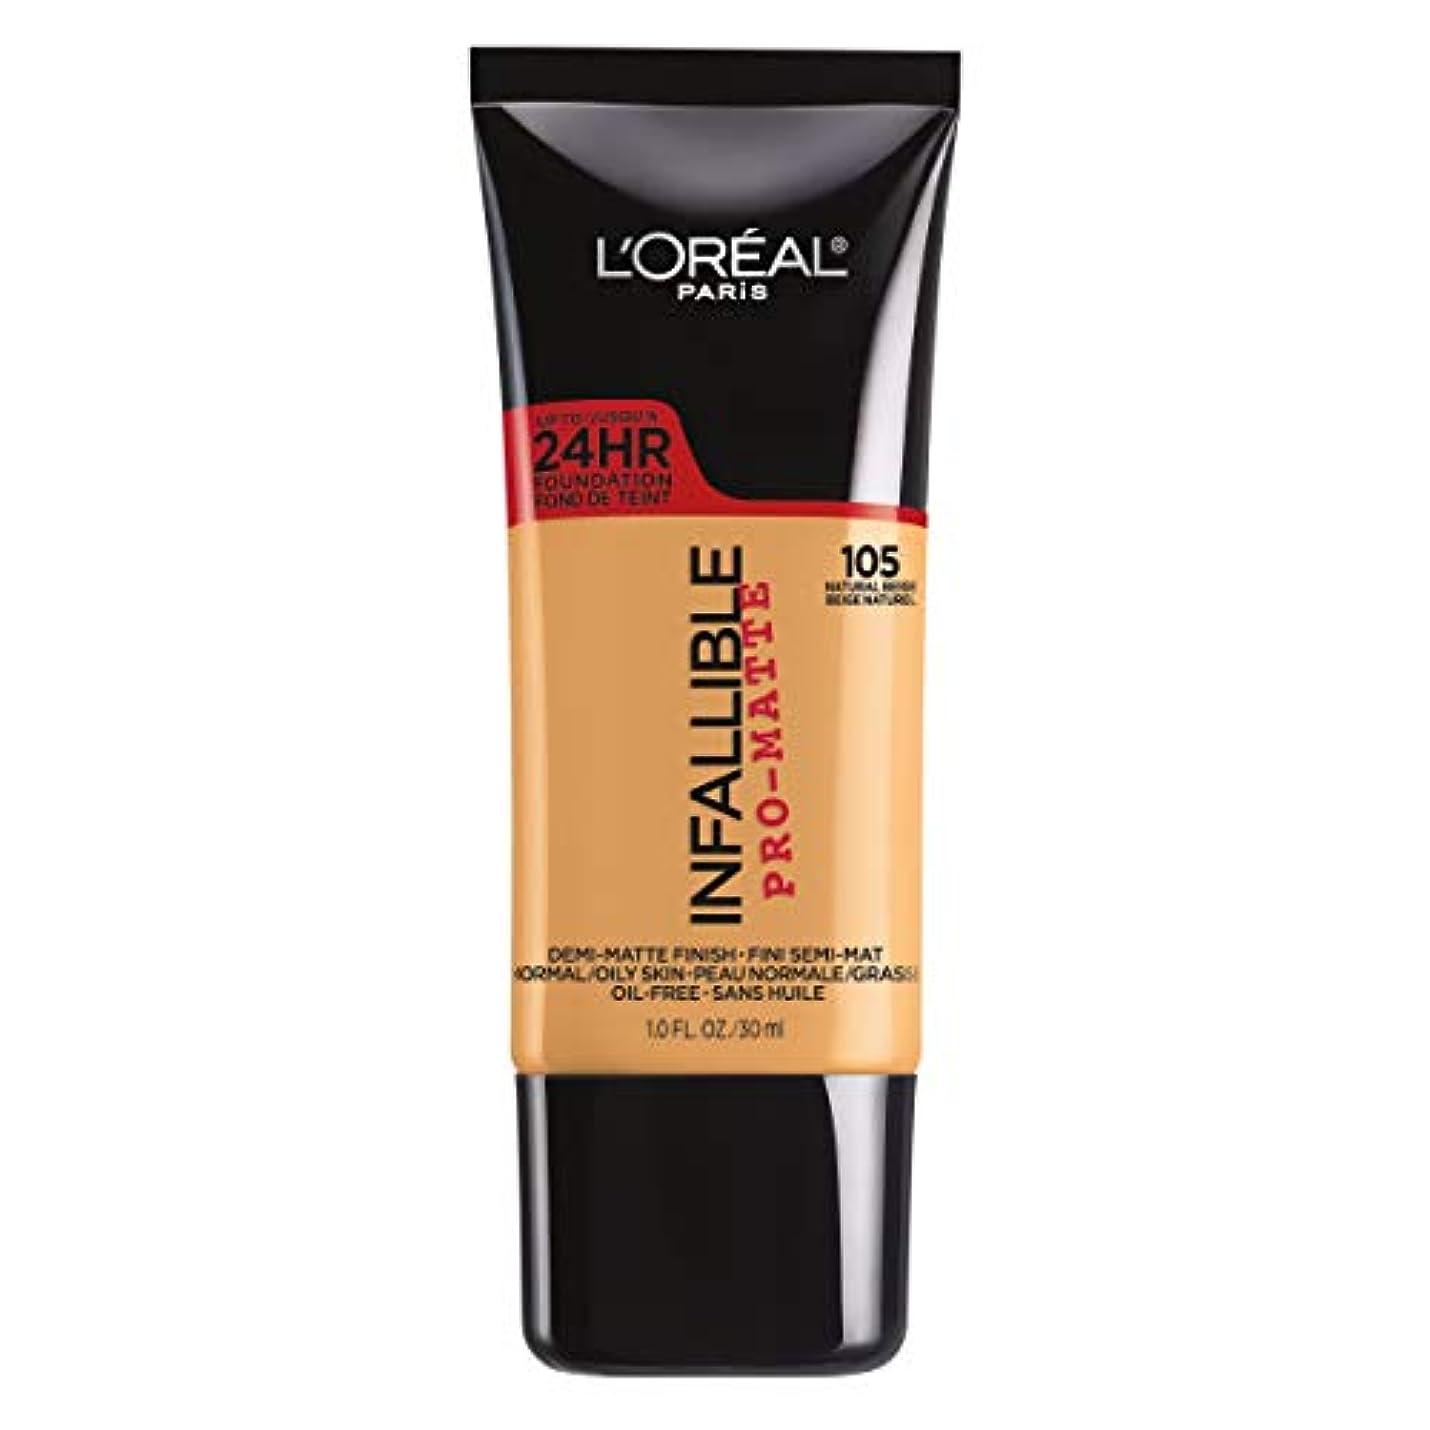 服を洗う体現する動力学L'Oreal Paris Infallible Pro-Matte Foundation Makeup, 105 Natural Beige, 1 fl. oz[並行輸入品]